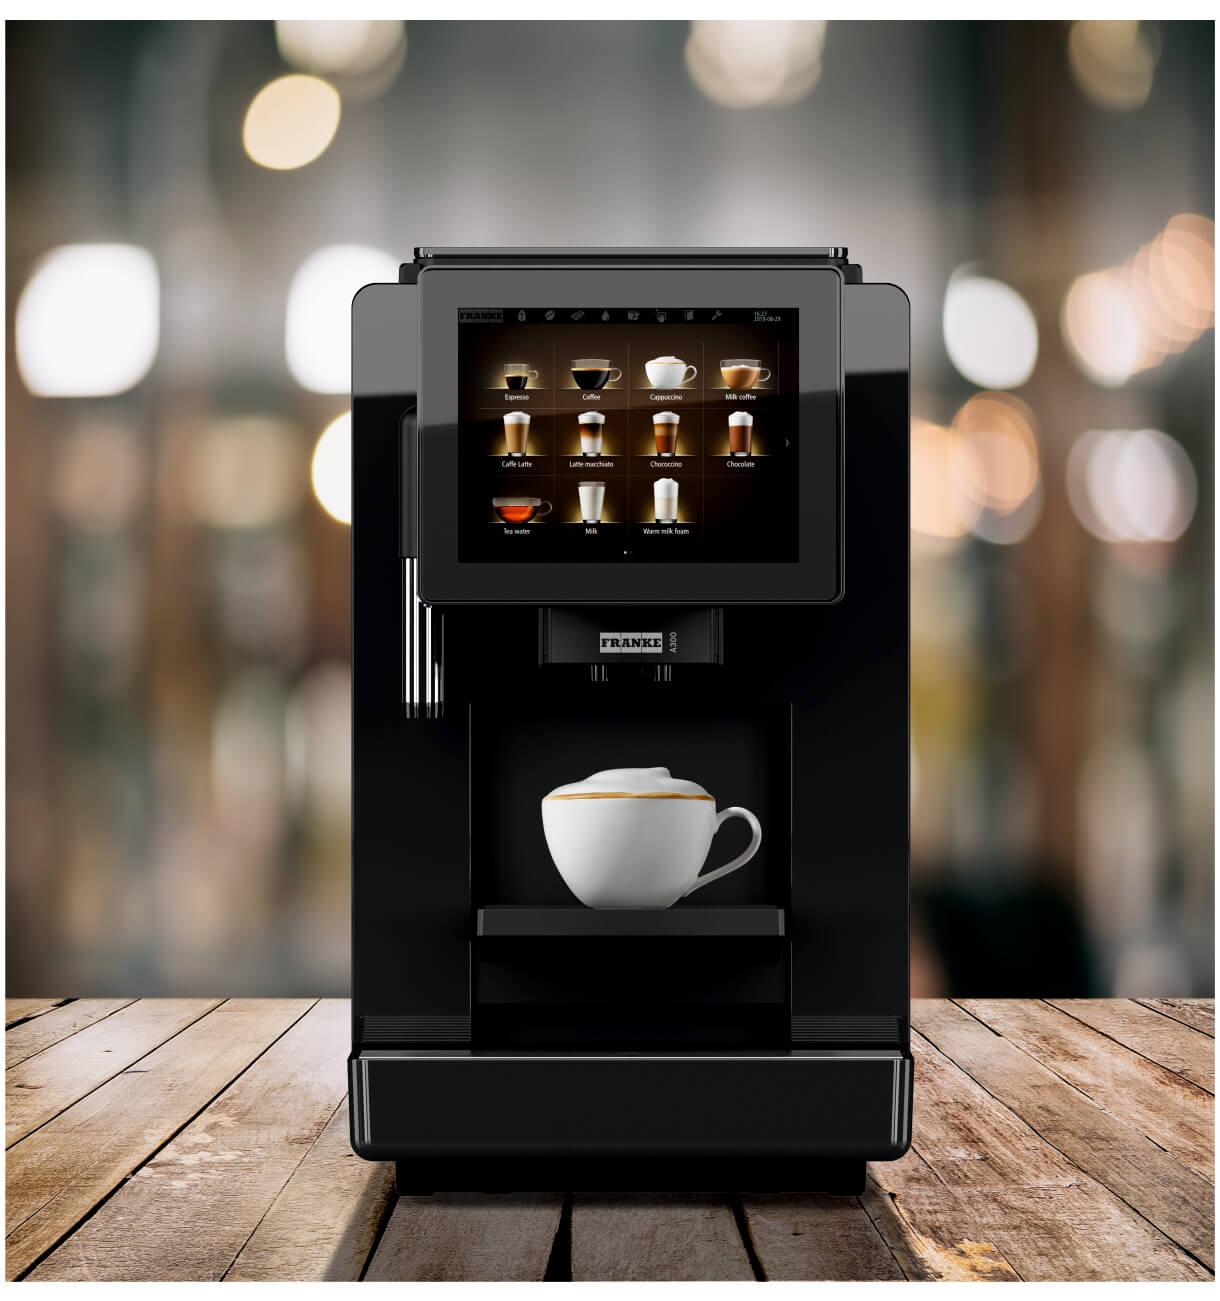 Franke A300 автоматическая кофемашина